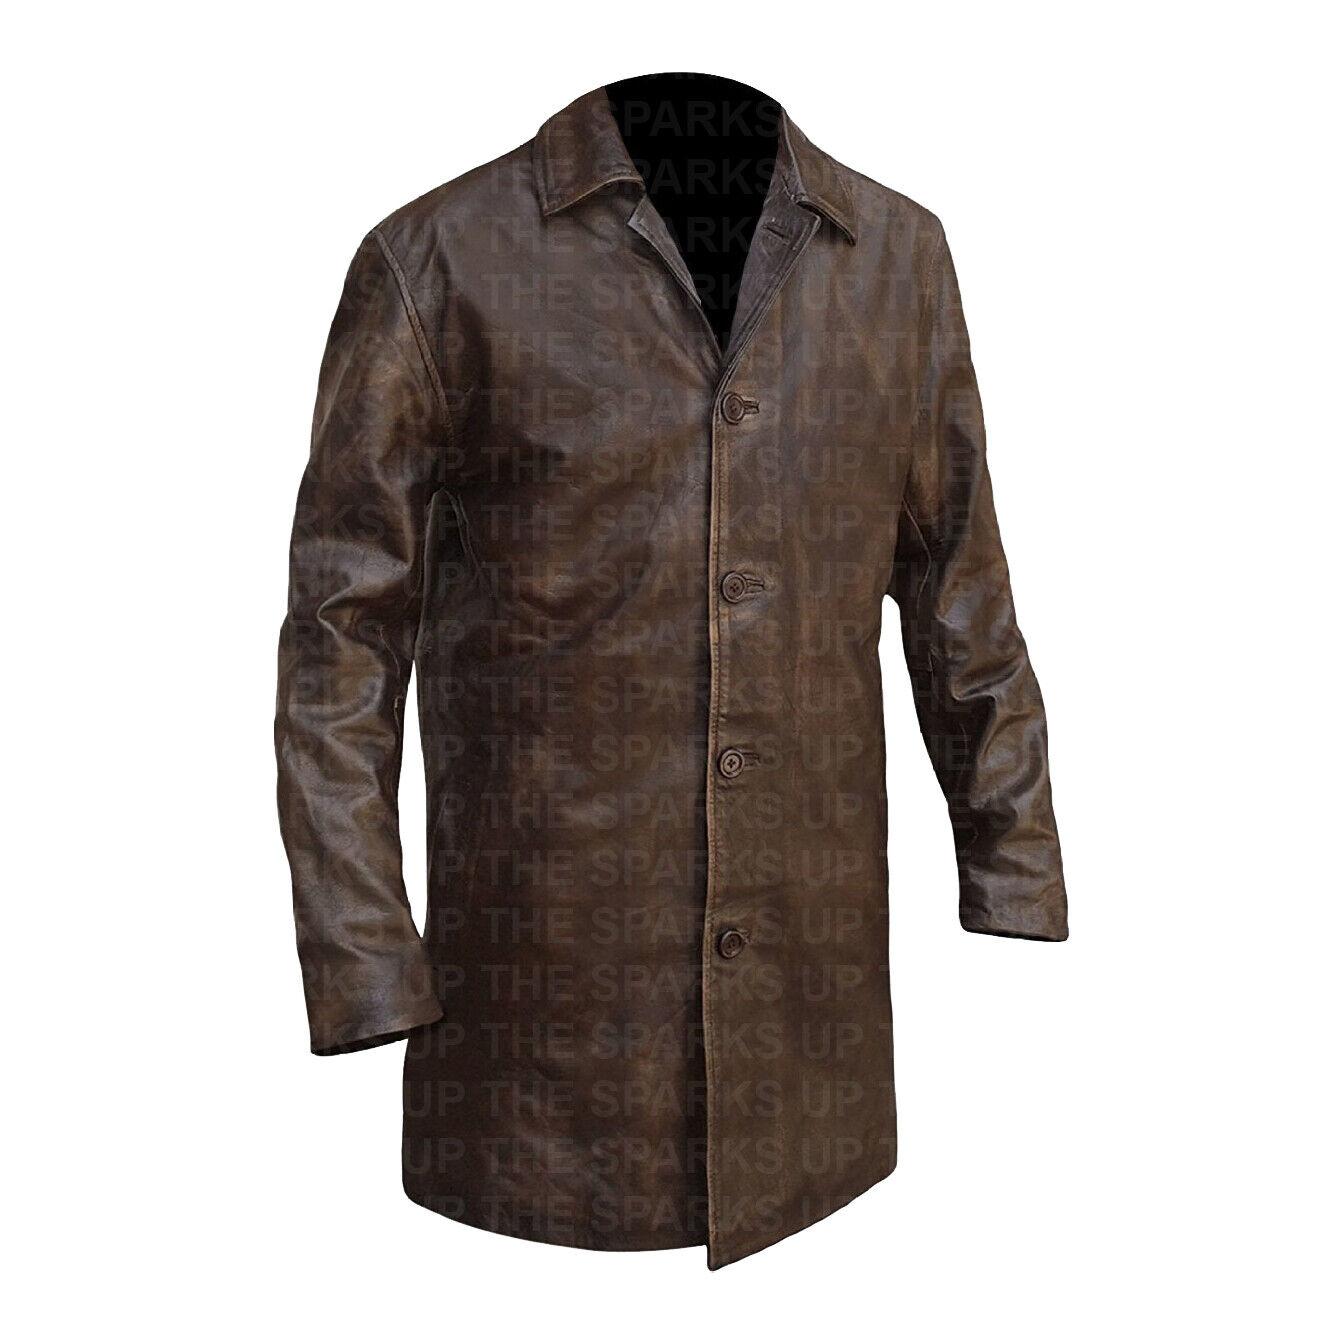 Supernatural Demon Dean Vintage Classic Wear Distressed leder jacke - SALE